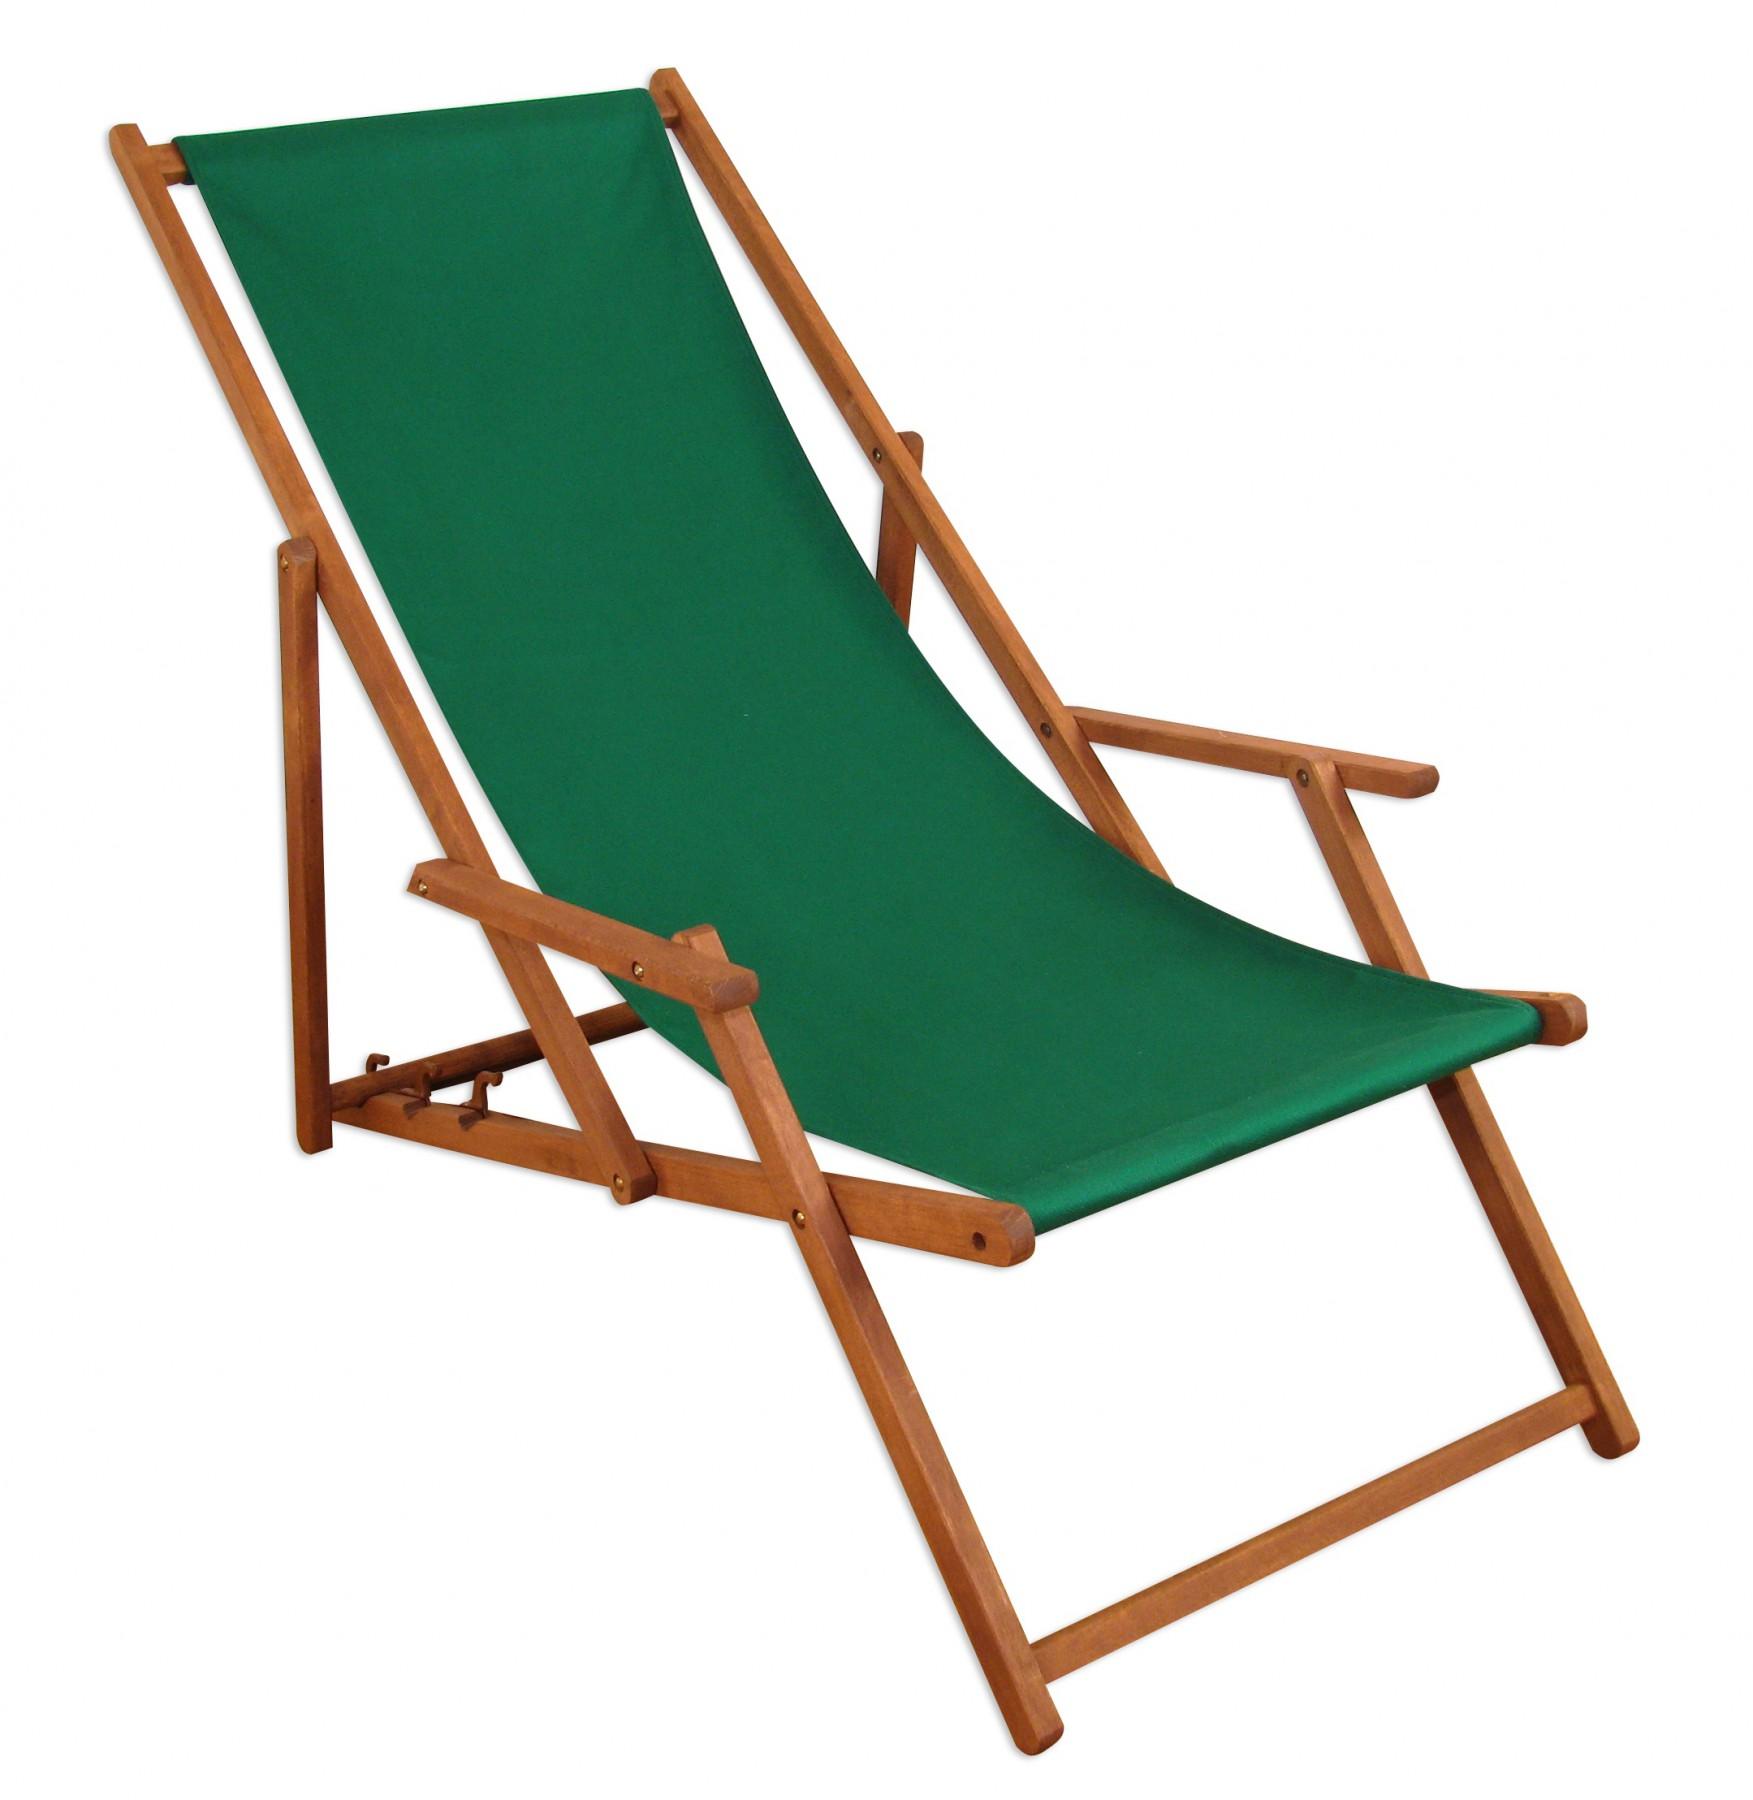 Transat pour jardin vert chaise longue bois chaise longue Chaise longue bois avec repose pied